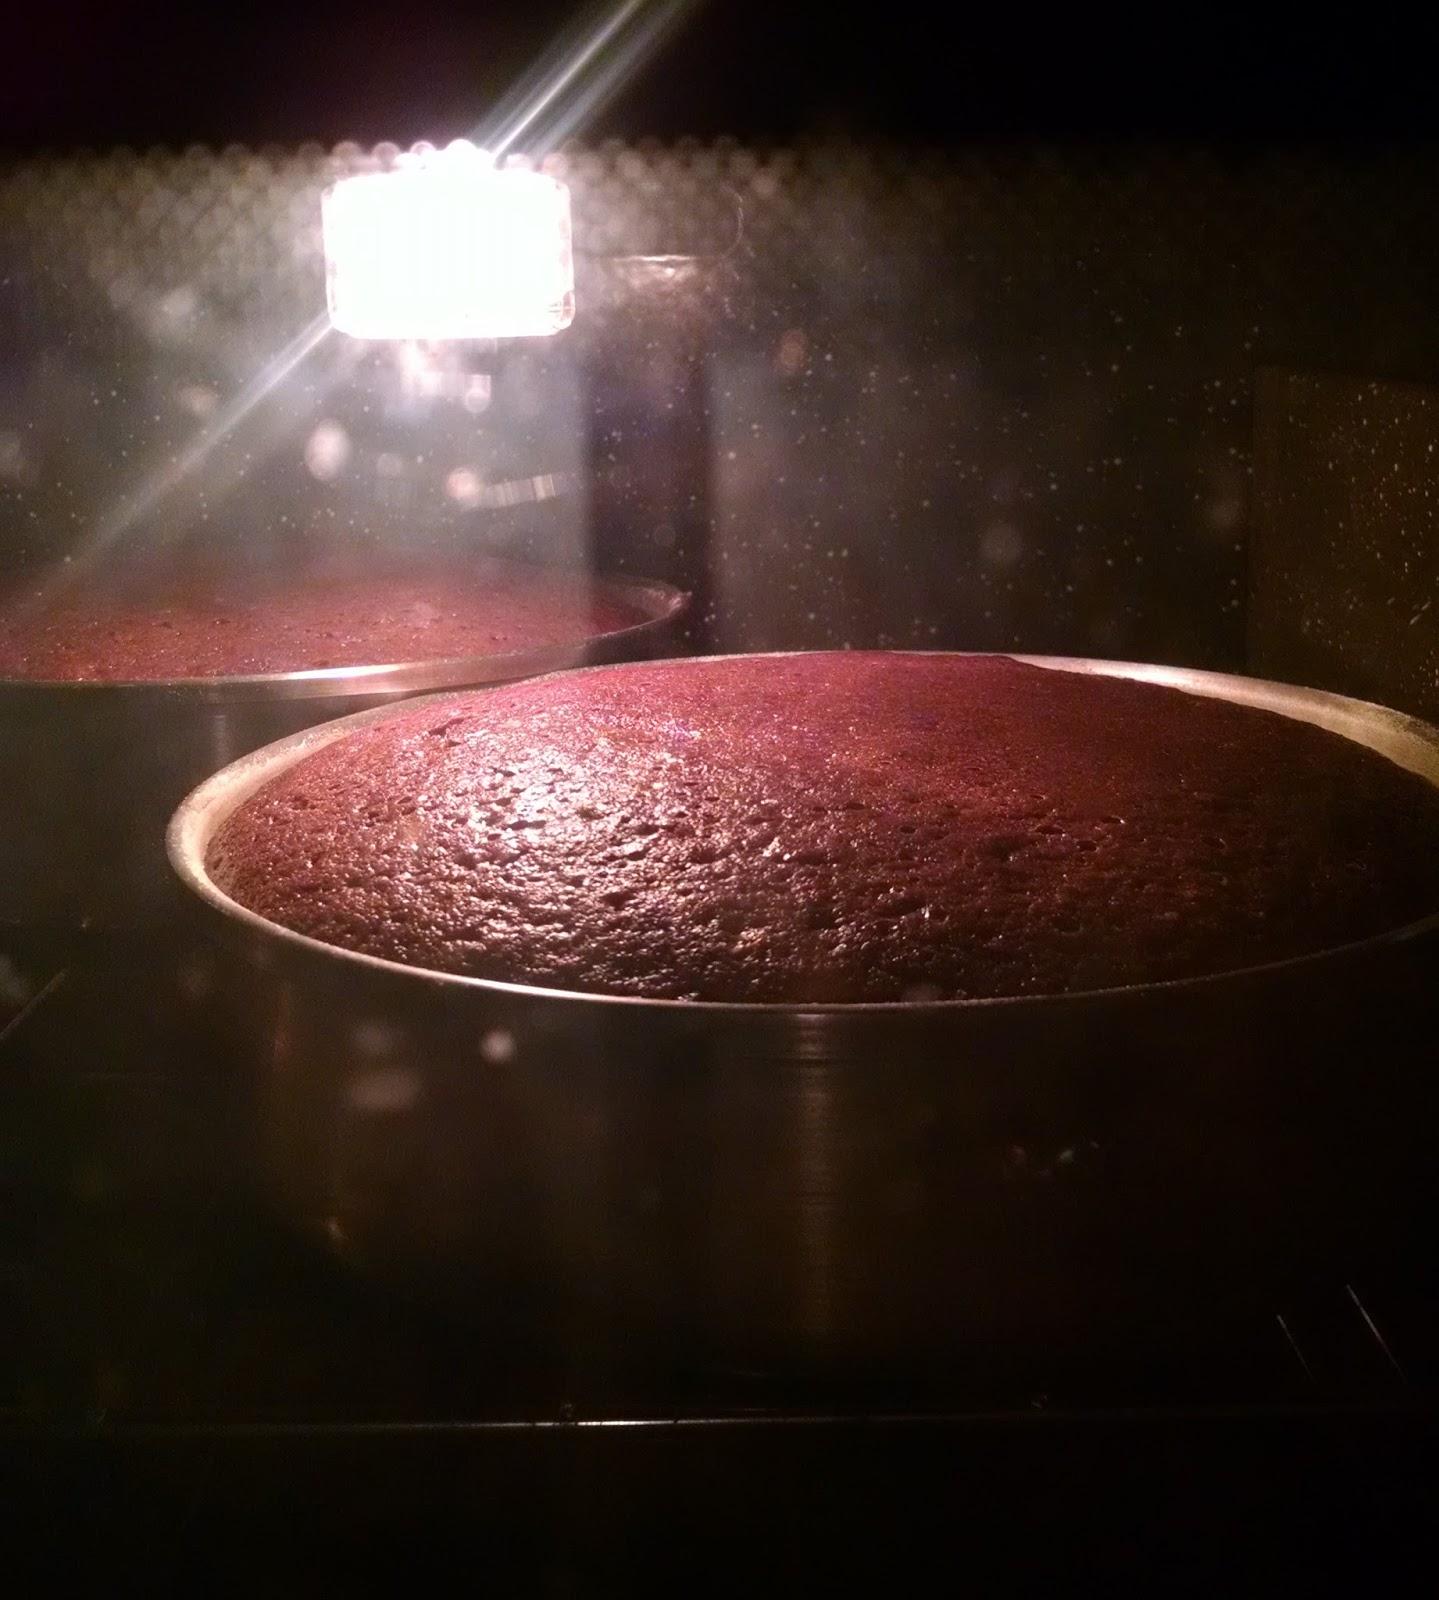 receita bolo de chocolate molhado, receita bolo de chocolate molhado, receita bolo de chocolate molhado, receita bolo de chocolate molhado, receita bolo de chocolate molhado, receita bolo de chocolate molhado, receita bolo de chocolate molhado, receita bolo de chocolate molhado, receita bolo de chocolate molhado, receita bolo de chocolate molhado, receita bolo de chocolate molhado,